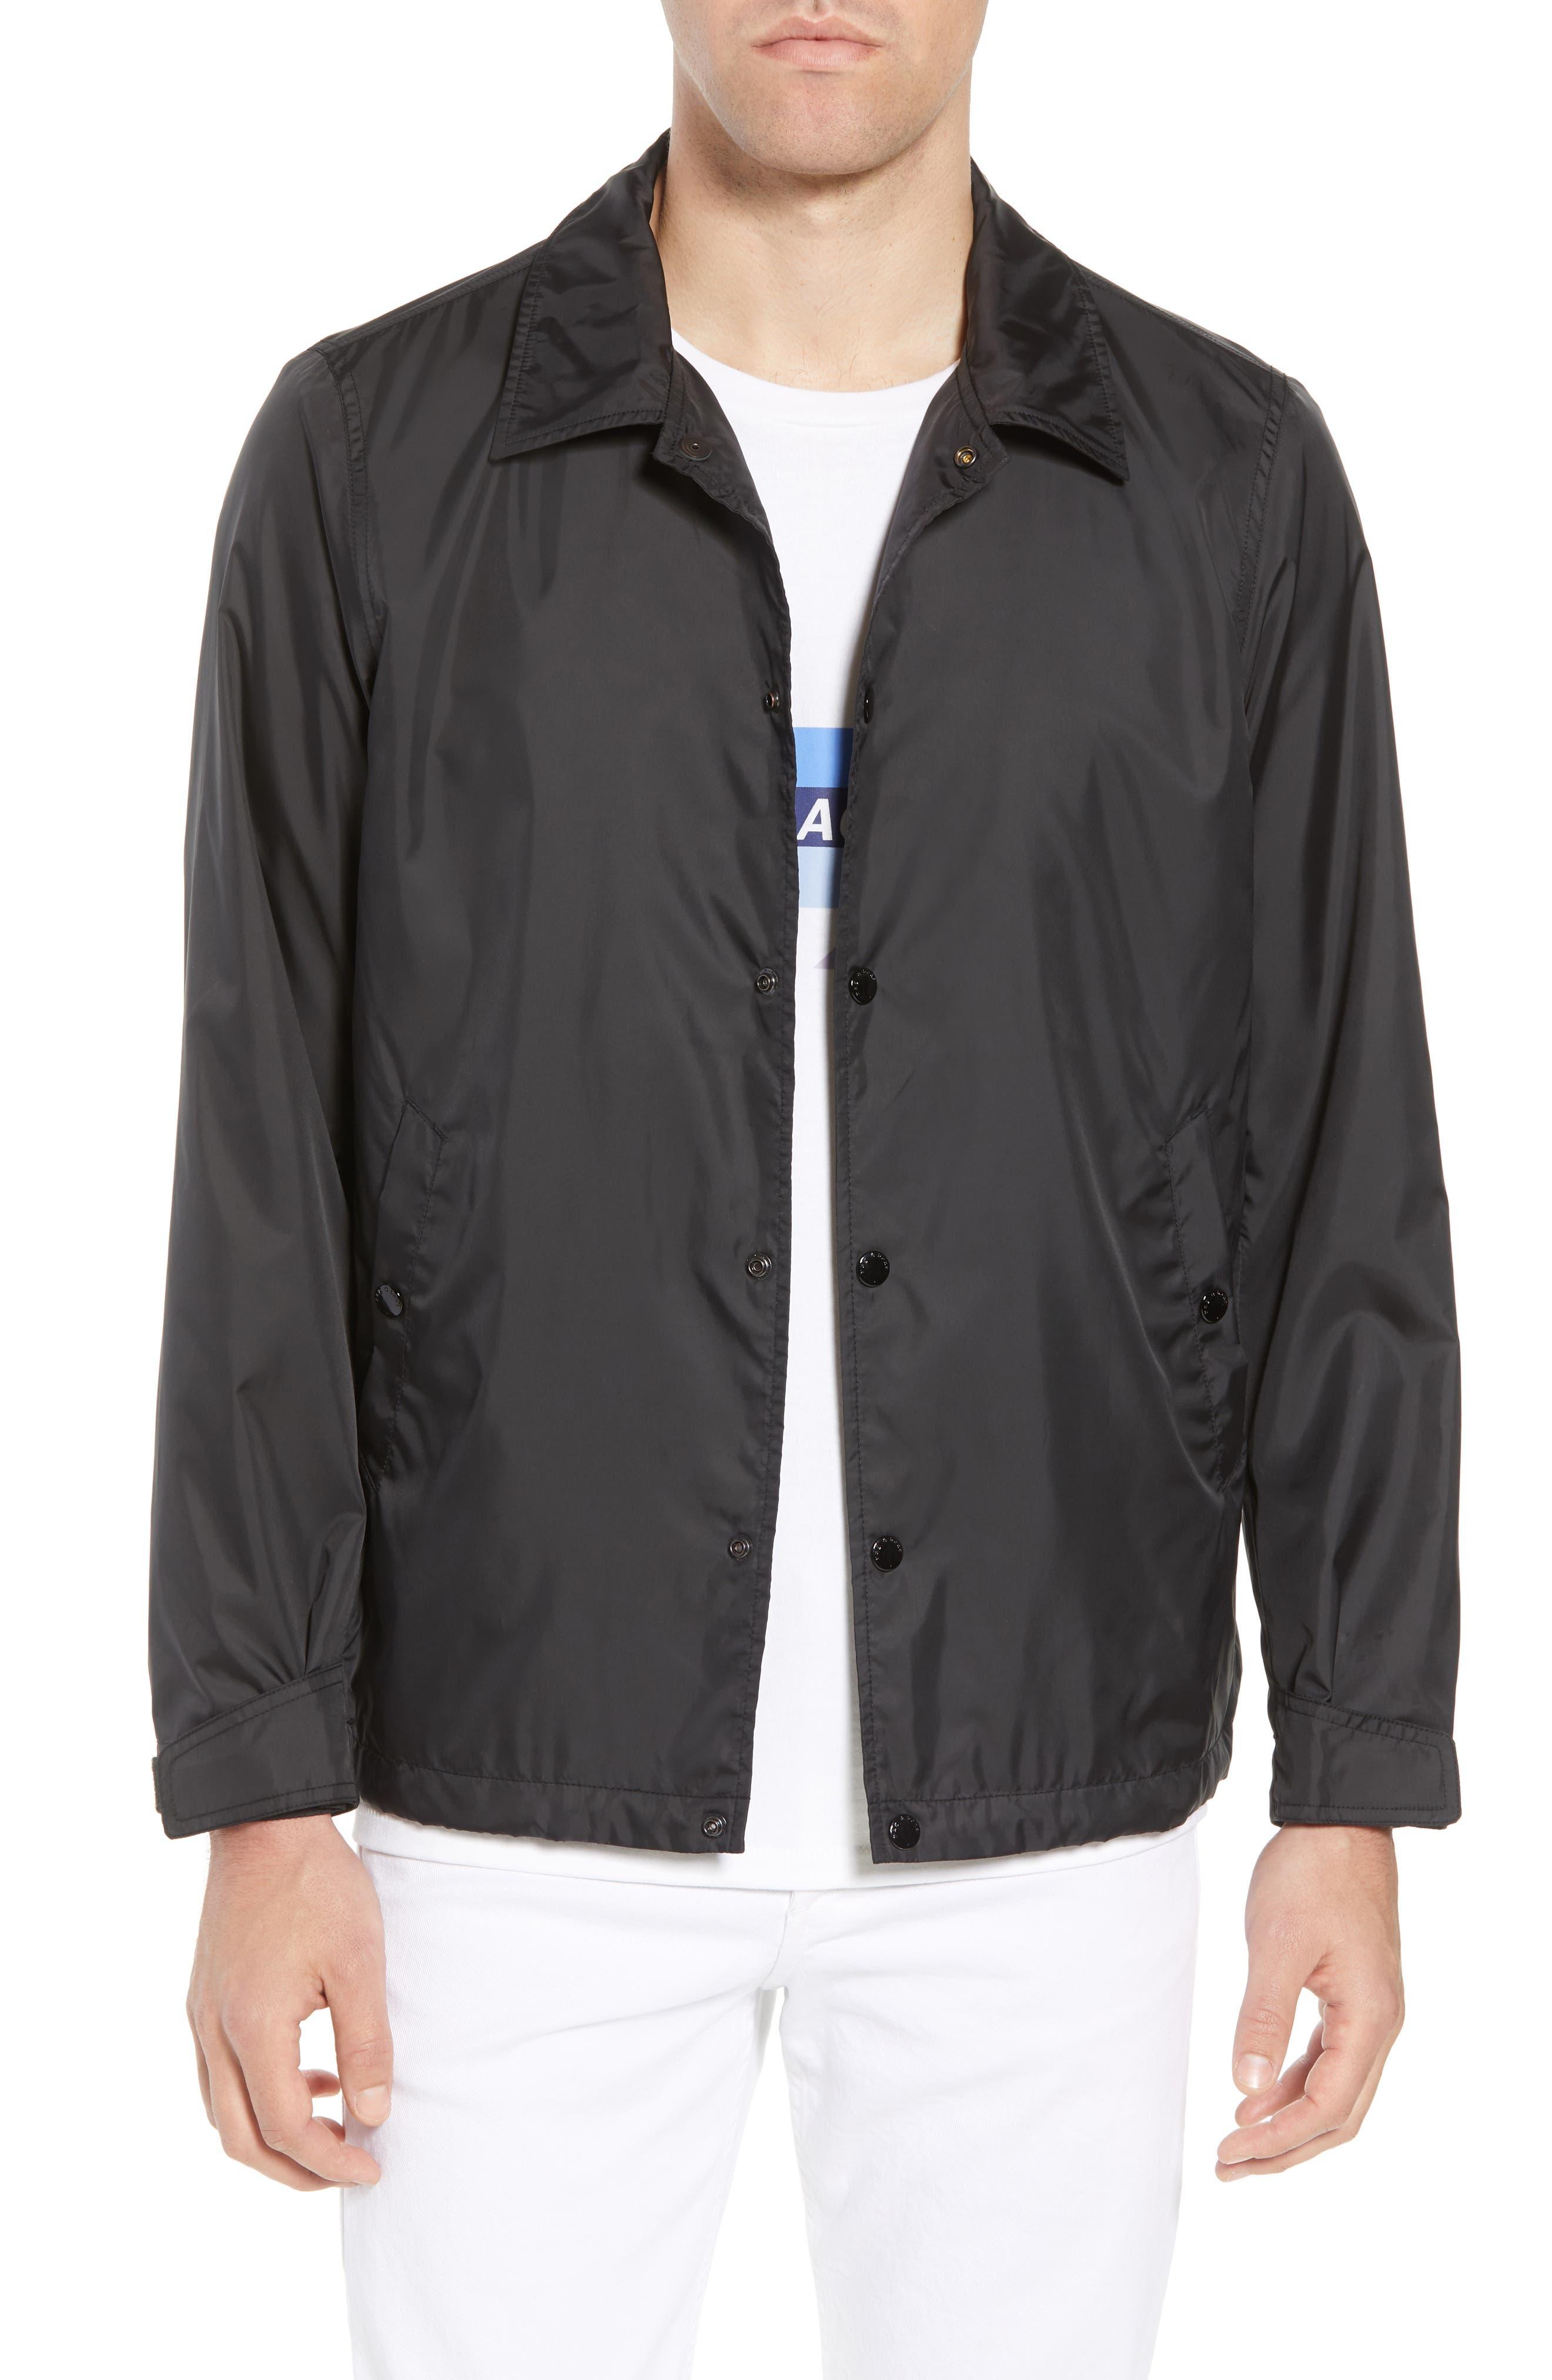 Coaches Jacket,                         Main,                         color, Black